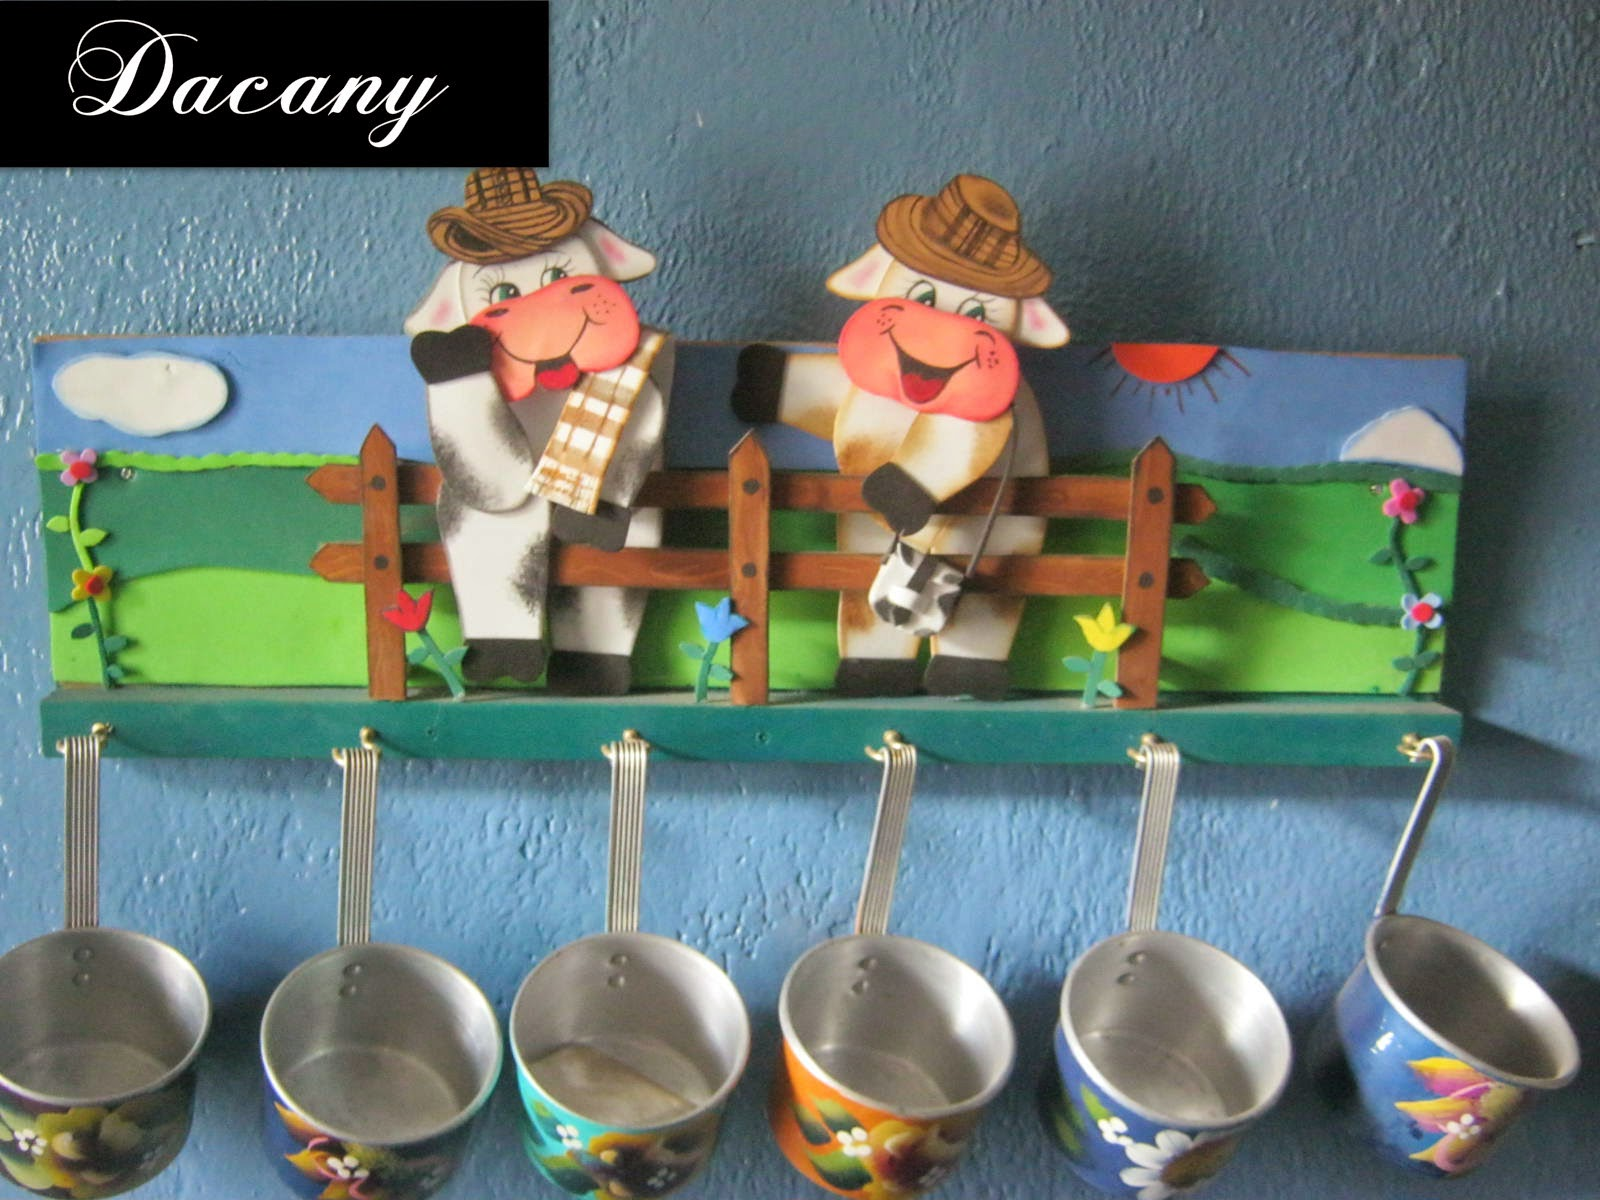 Dacany decoraciones para la cocina en foami - Decoracion para la cocina ...